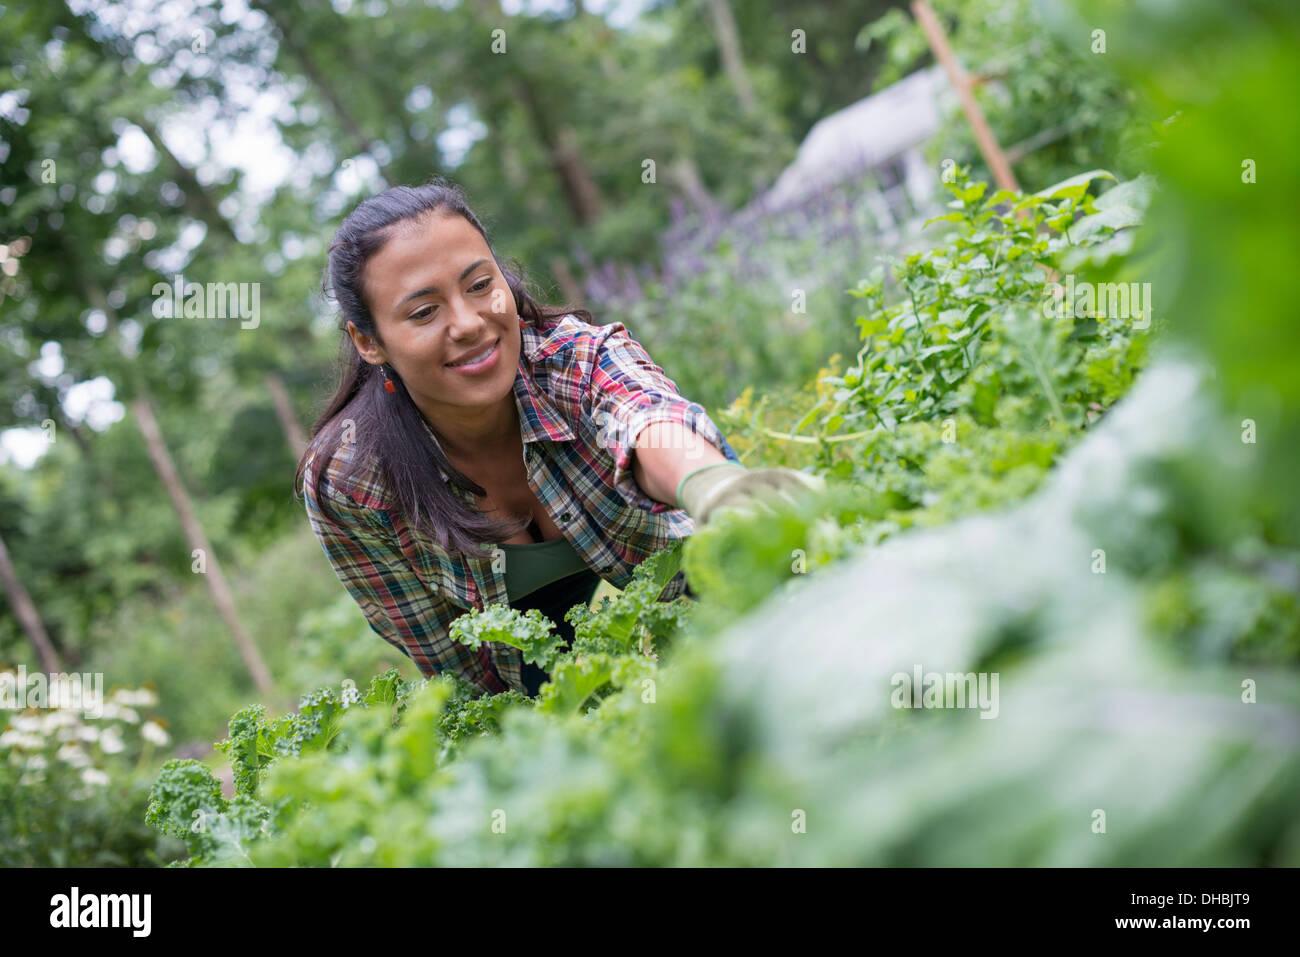 Une femme se pencher pour les cueillir des herbes et des légumes dans un jardin. Photo Stock